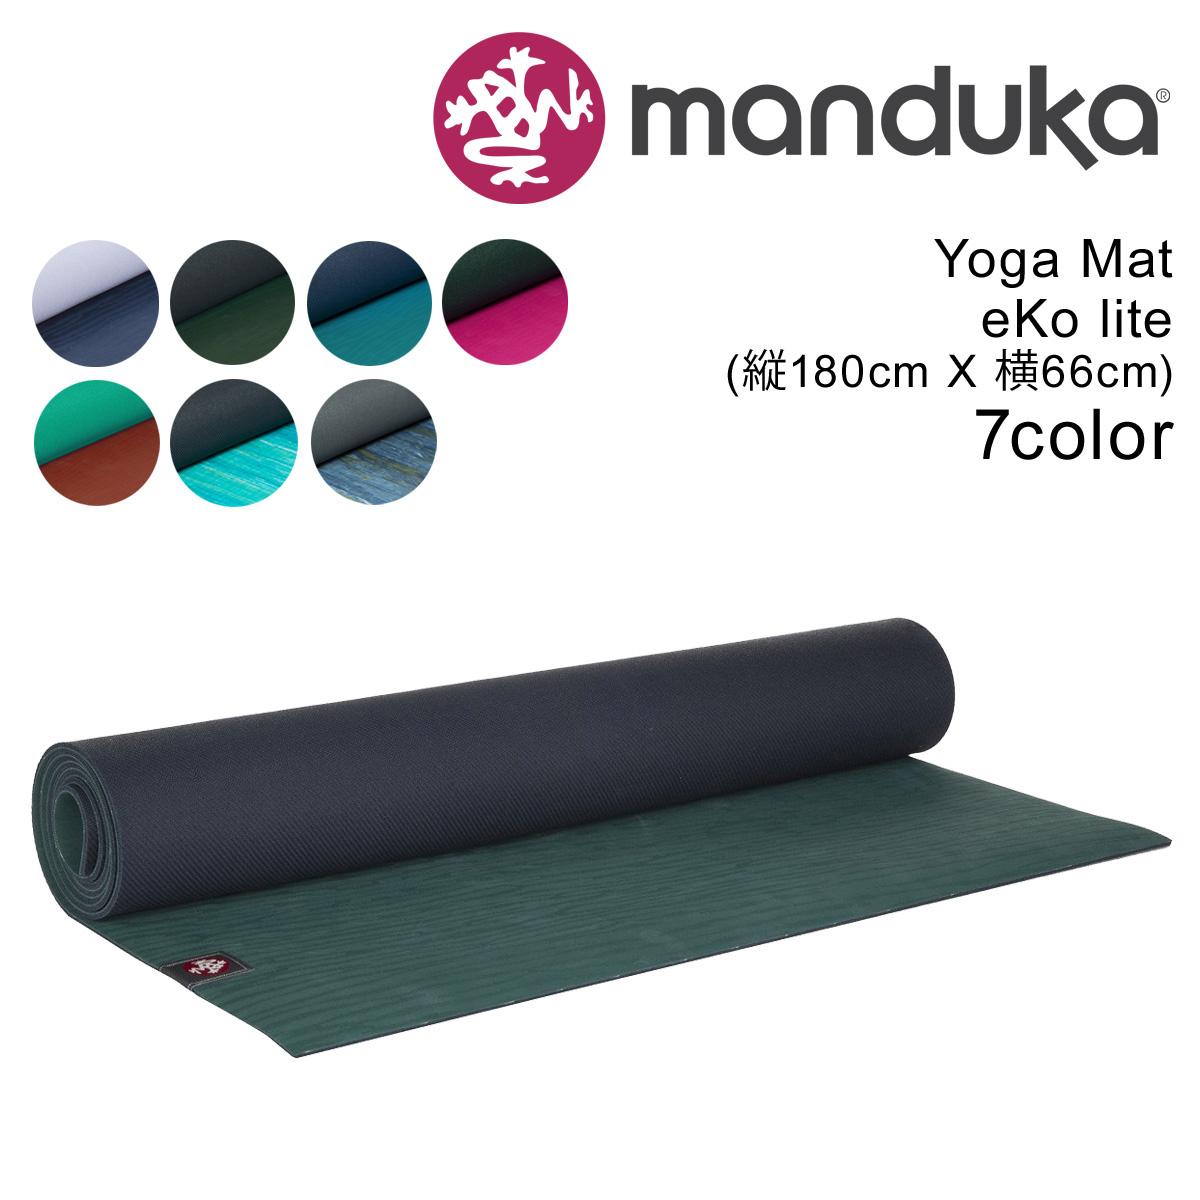 マンドゥカ manduka ヨガマット eKO 180cm×66cm×5mm エコ ピラティス エクササイズ レディース メンズ